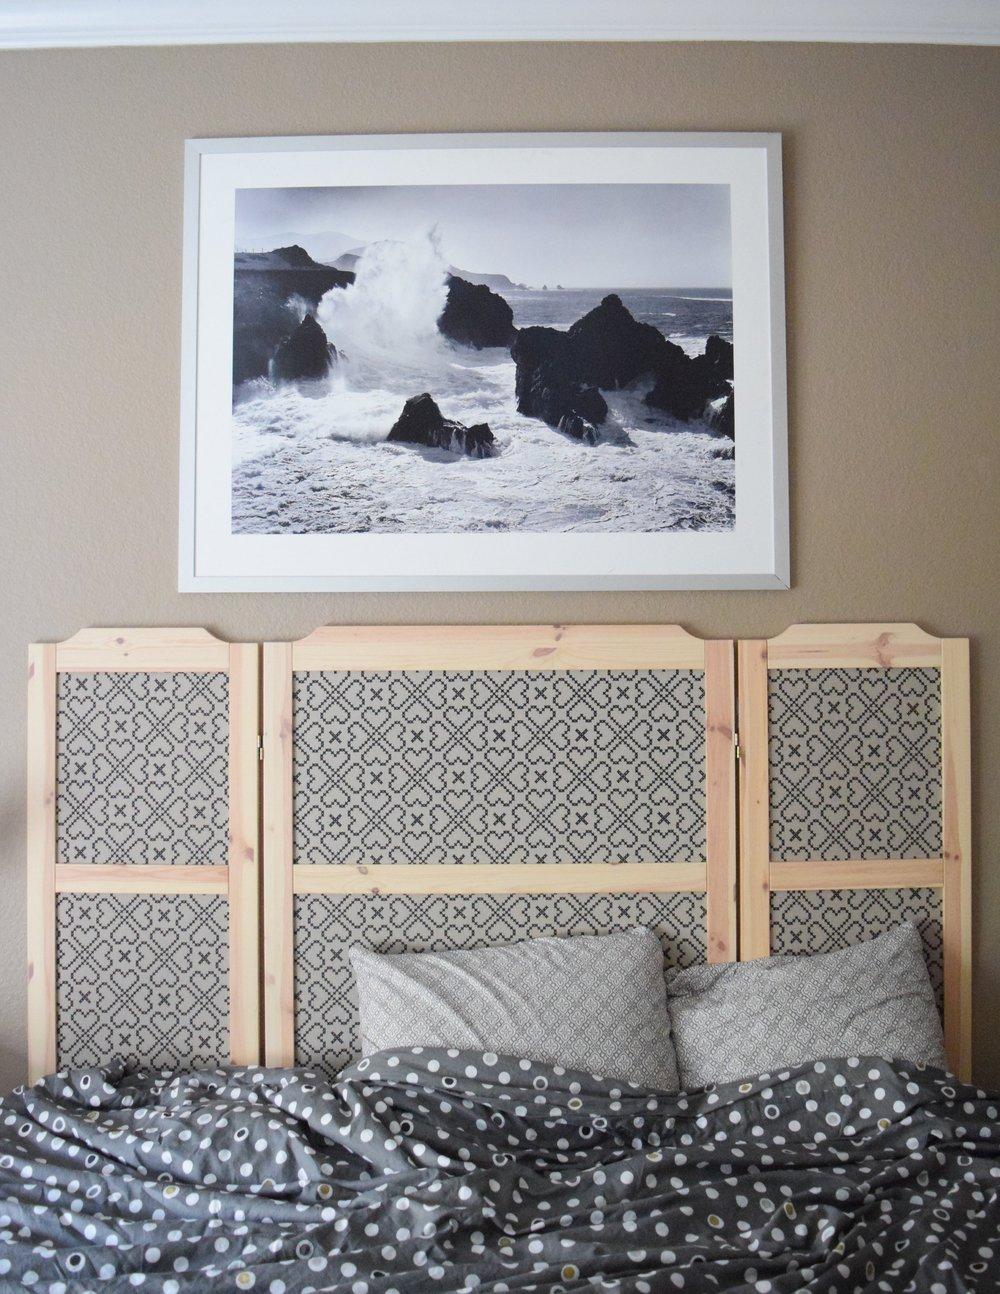 airbnb-bedroom-dallas-texas.jpg